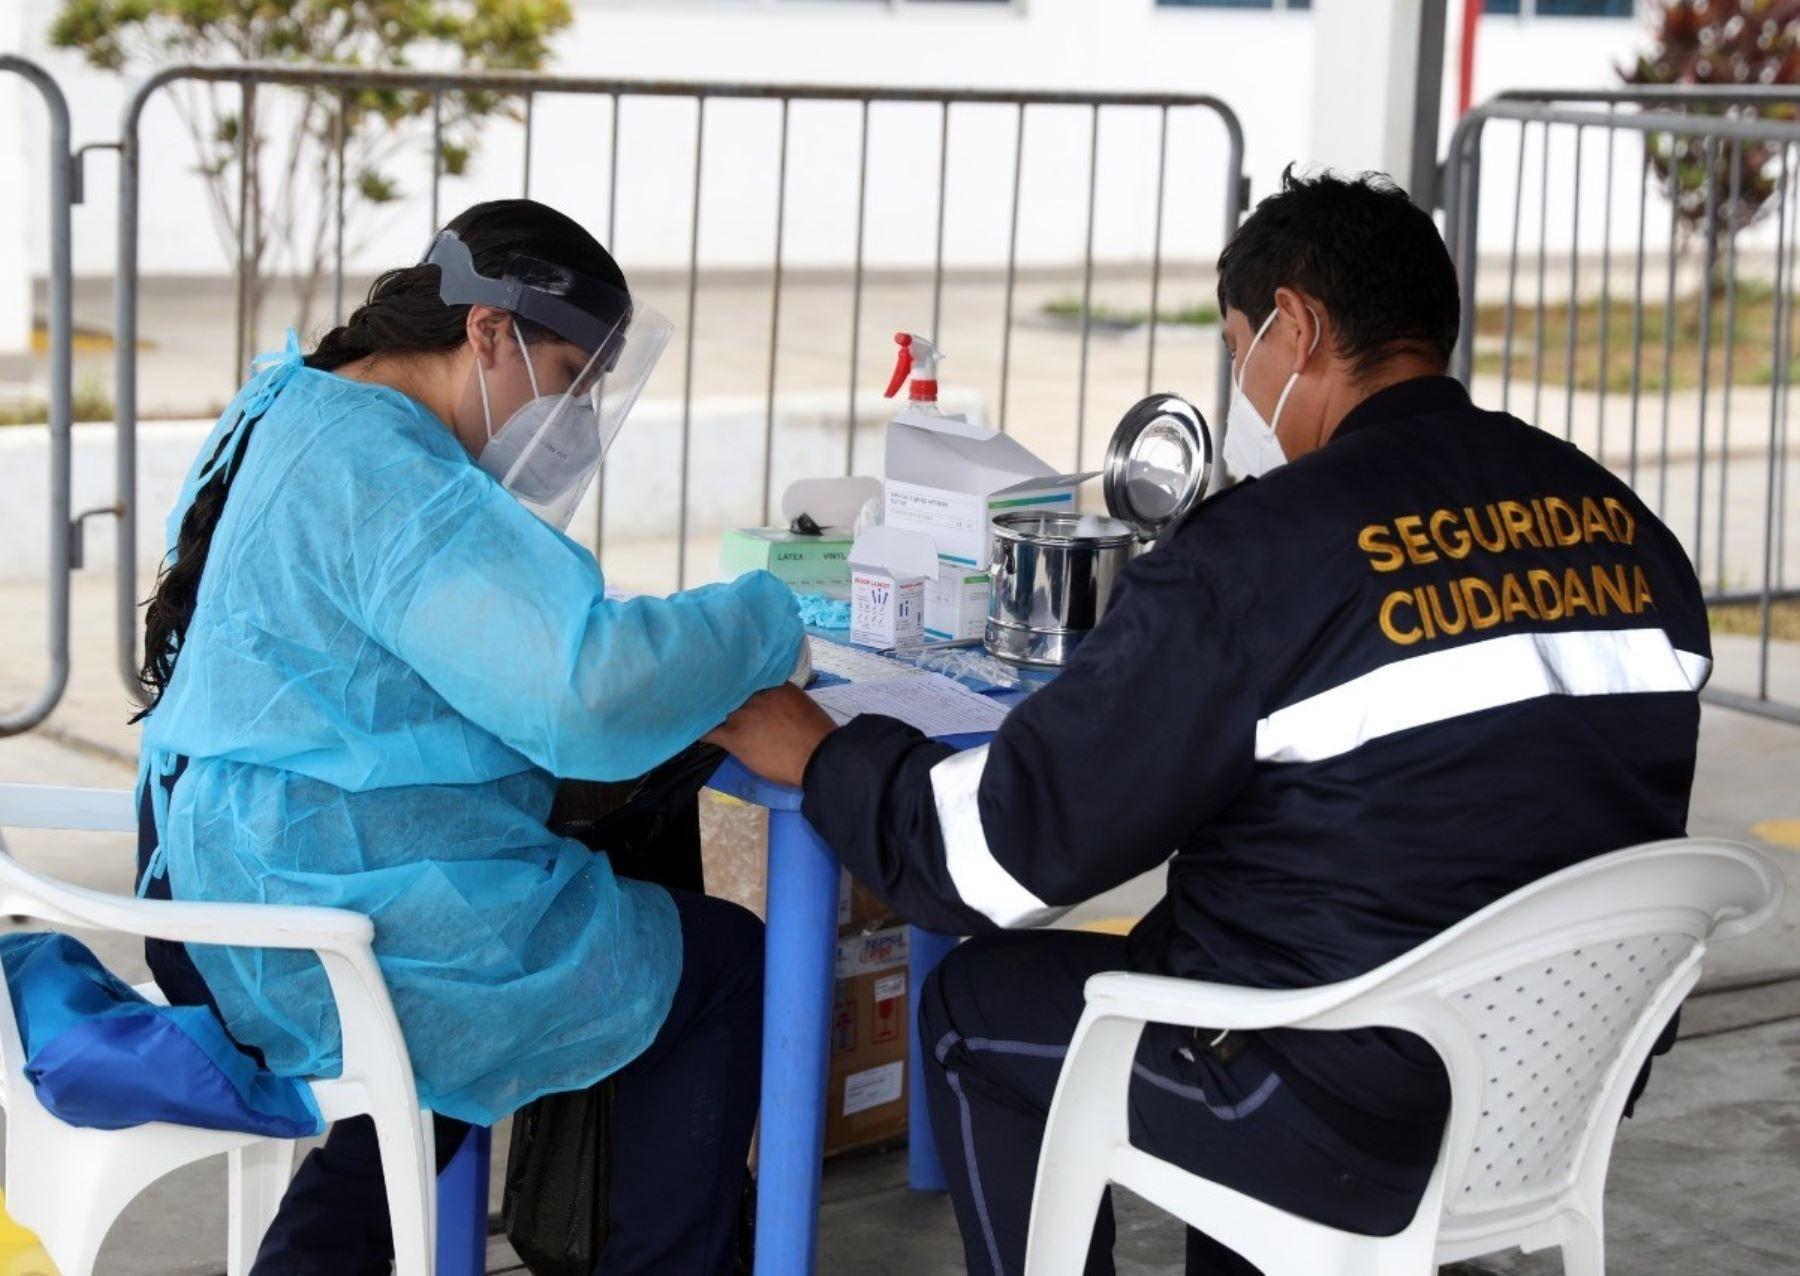 Un total de 1,400 trabajadores municipales de Trujillo pasan control de pruebas rápidas para evitar propagación del coronavirus.